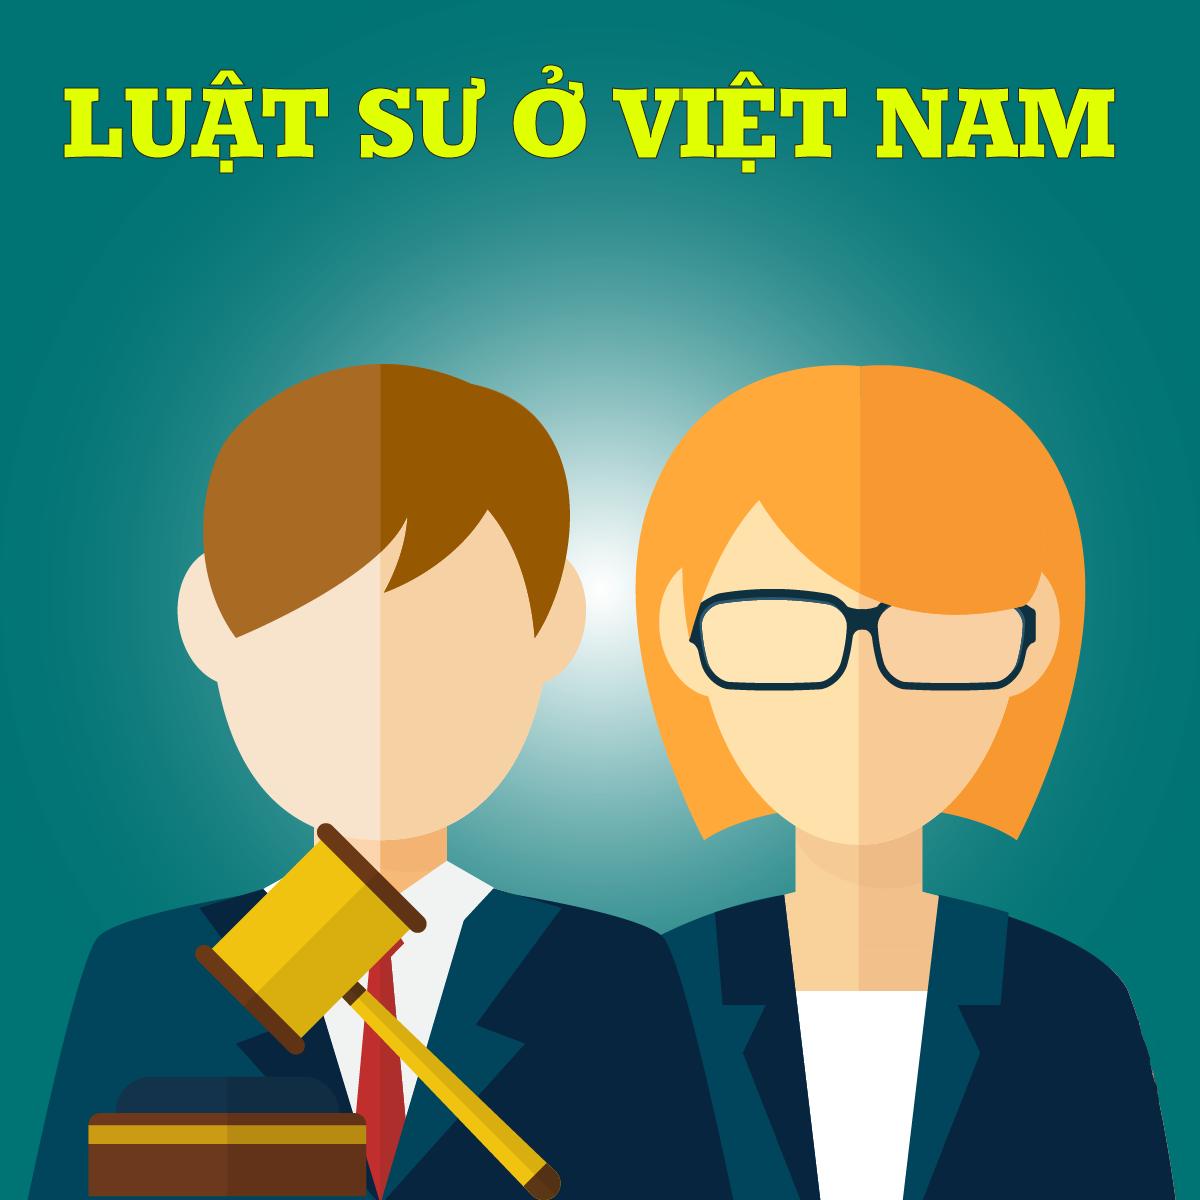 Thu nhập của người luật sư ở Việt Nam